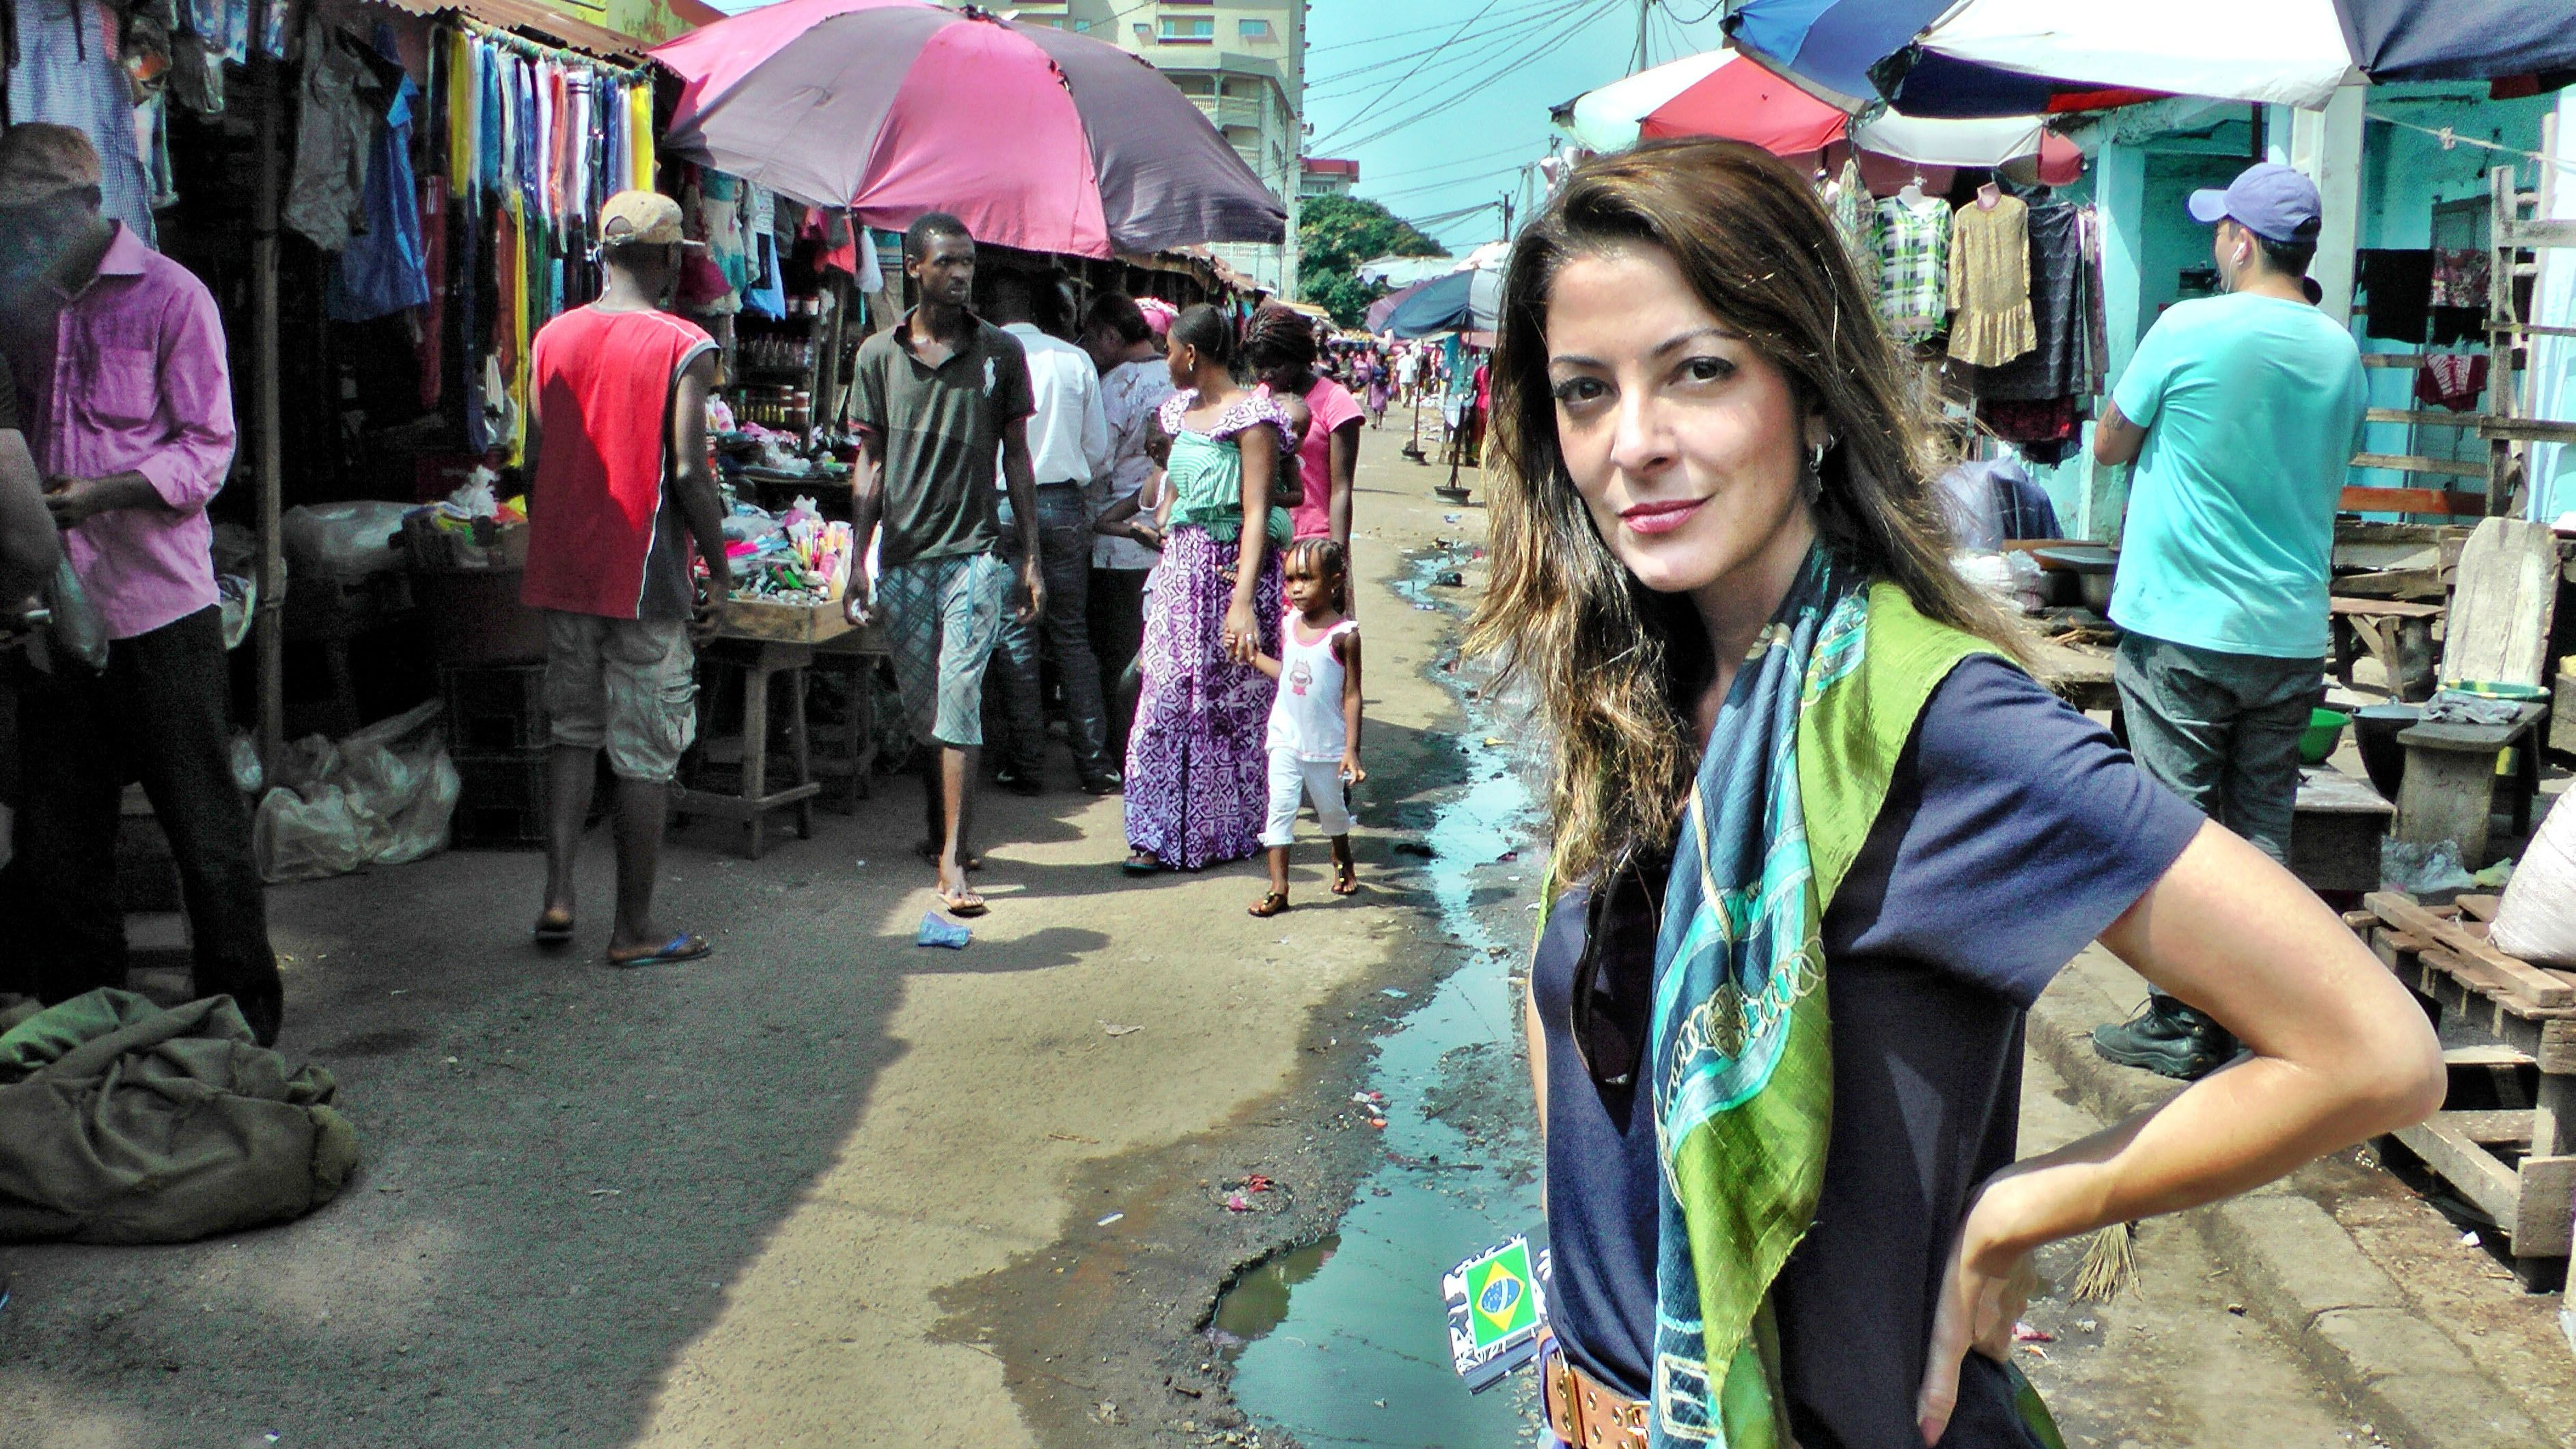 Ana Paula Padrão em um mercado de rua de Conacri, capital da Guiné: as pessoas tentam levar suas vidas normalmente apesar do surto de Ebola / Arquivo Pessoal